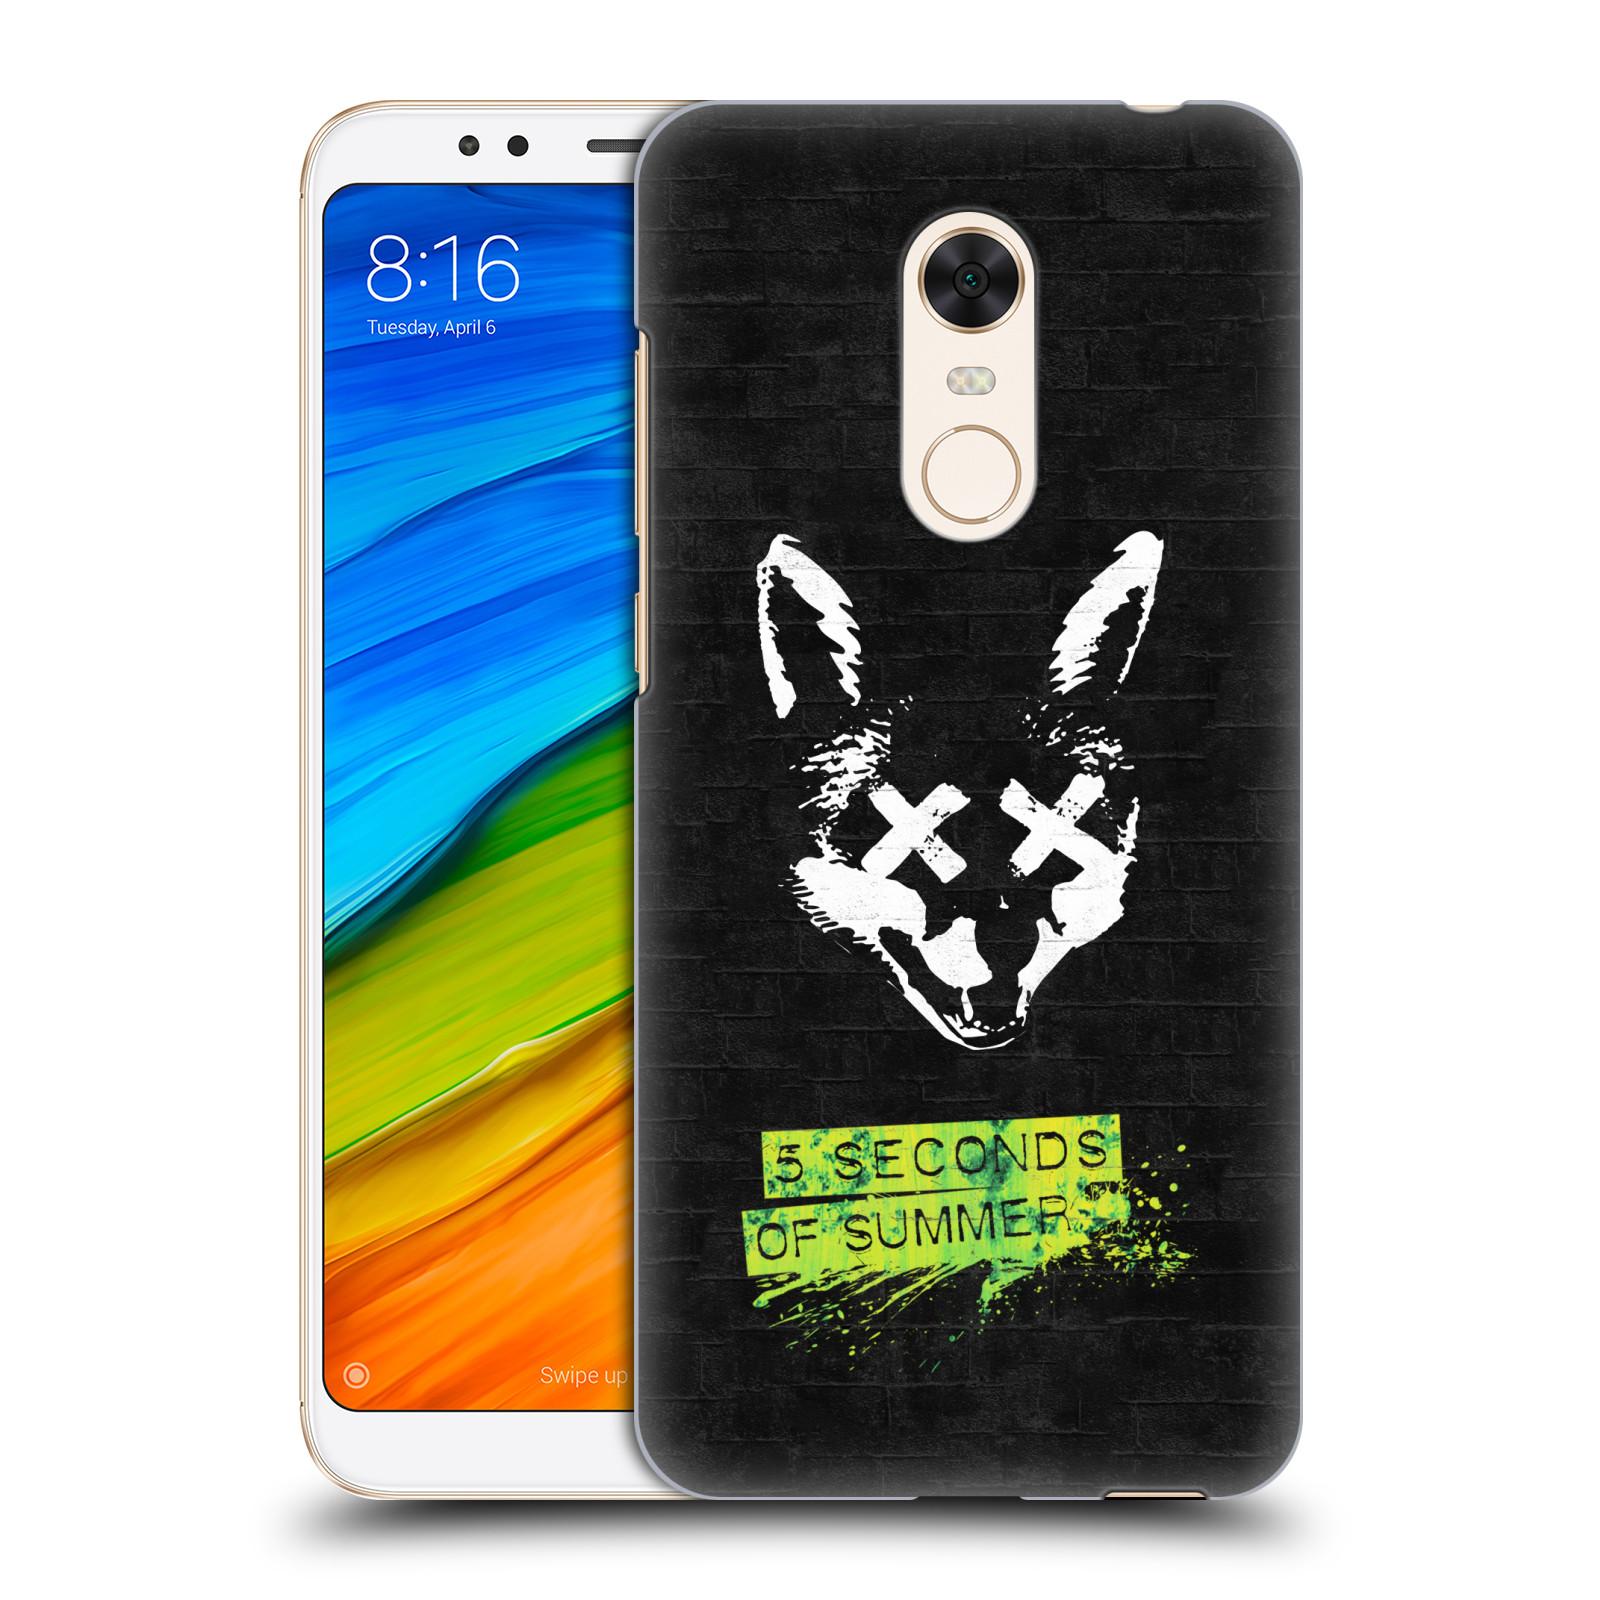 Plastové pouzdro na mobil Xiaomi Redmi 5 Plus - Head Case - 5 Seconds of Summer - Fox